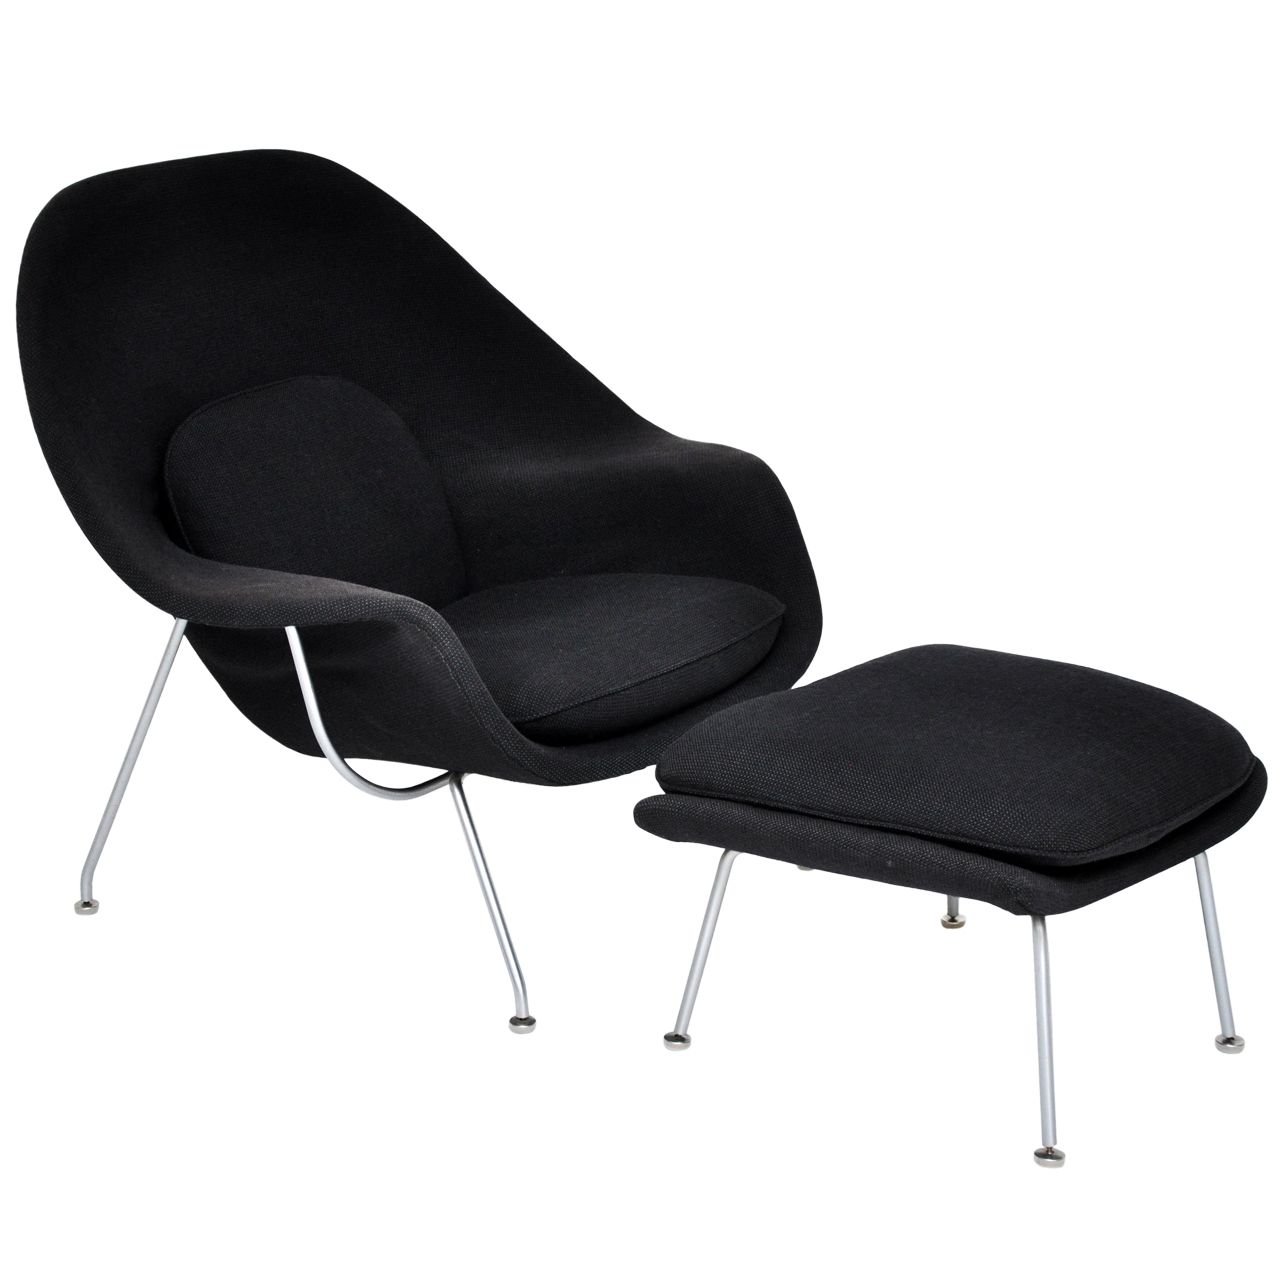 Eero Saarinen Womb Chair For Knoll